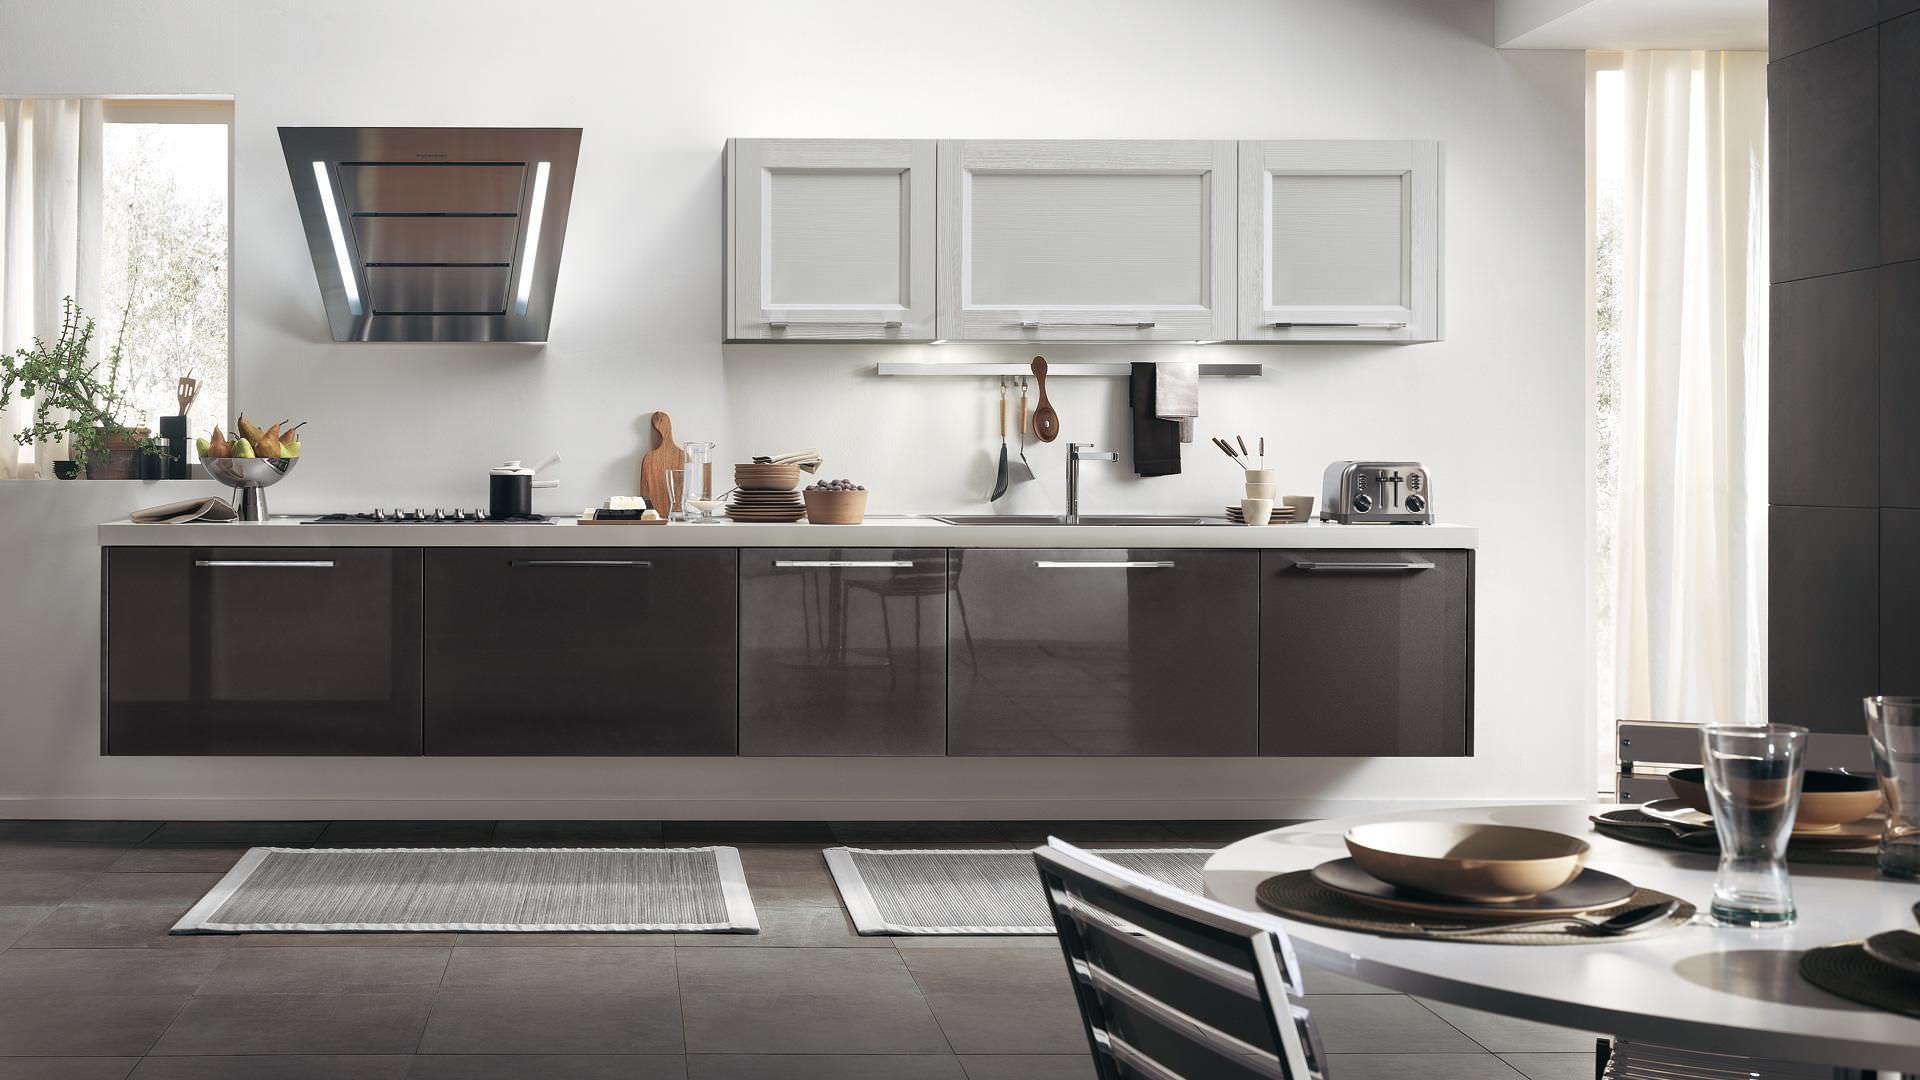 Cucina moderna / in legno / laccata / con impugnature - GEORGIA ...